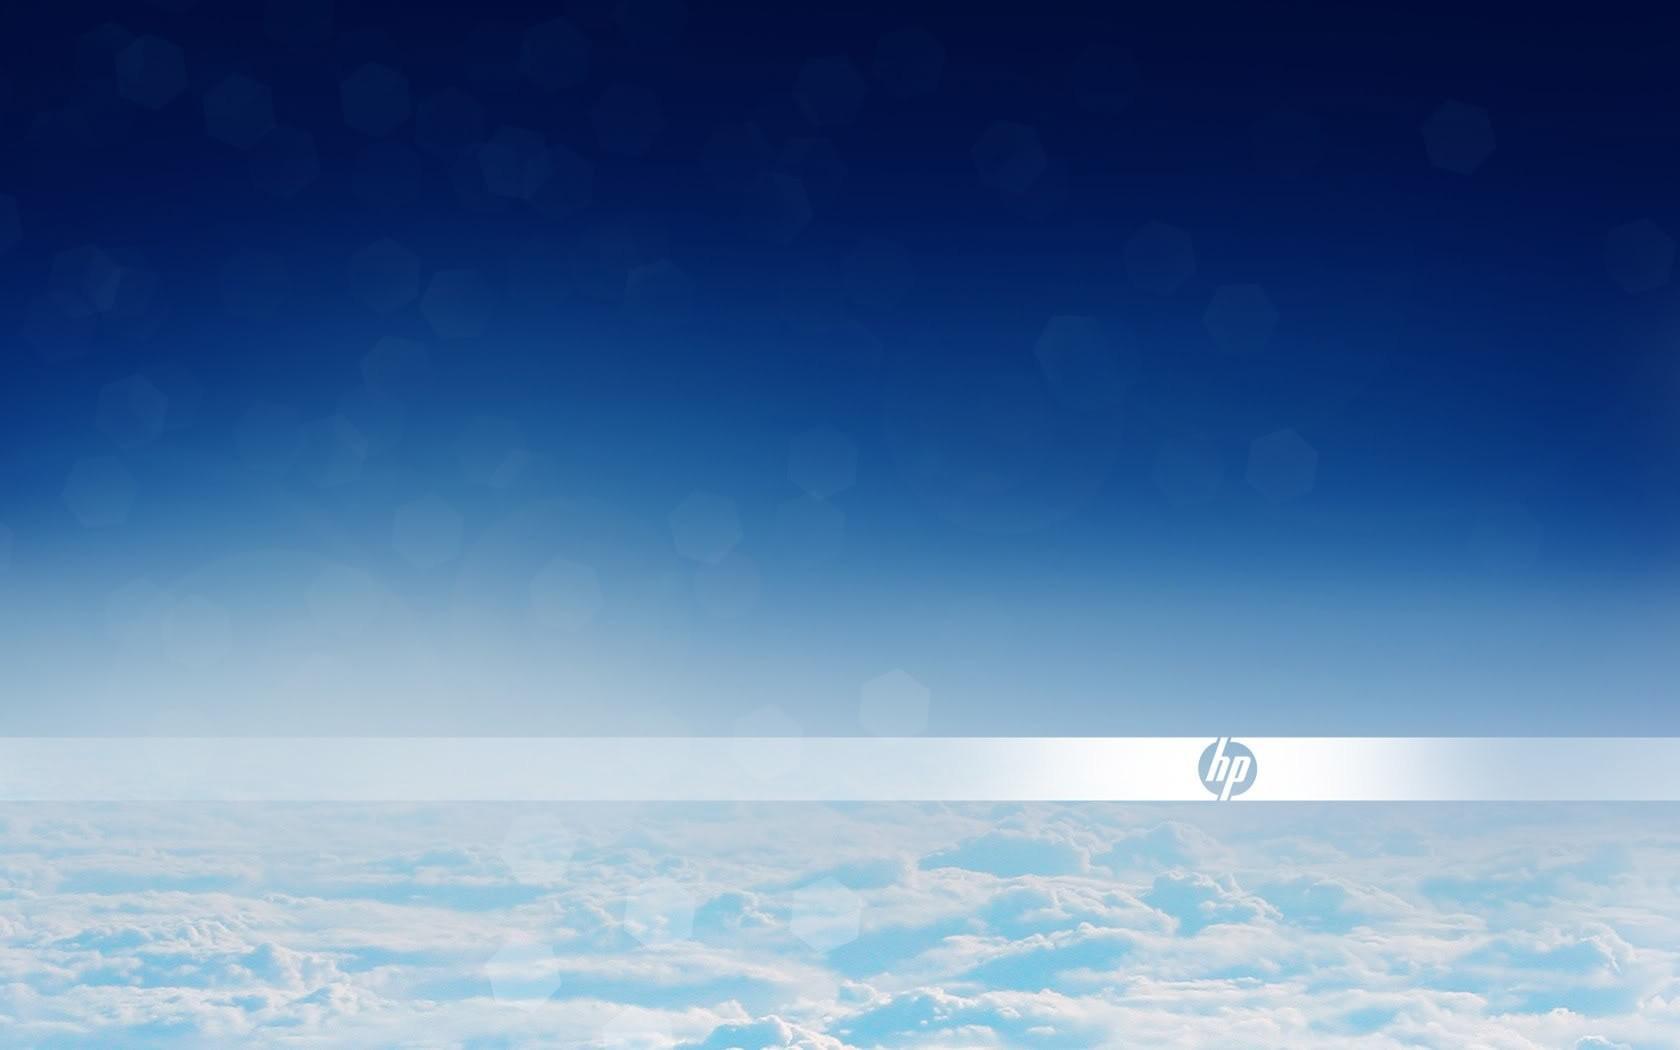 Облака HP 1680x1050 обои